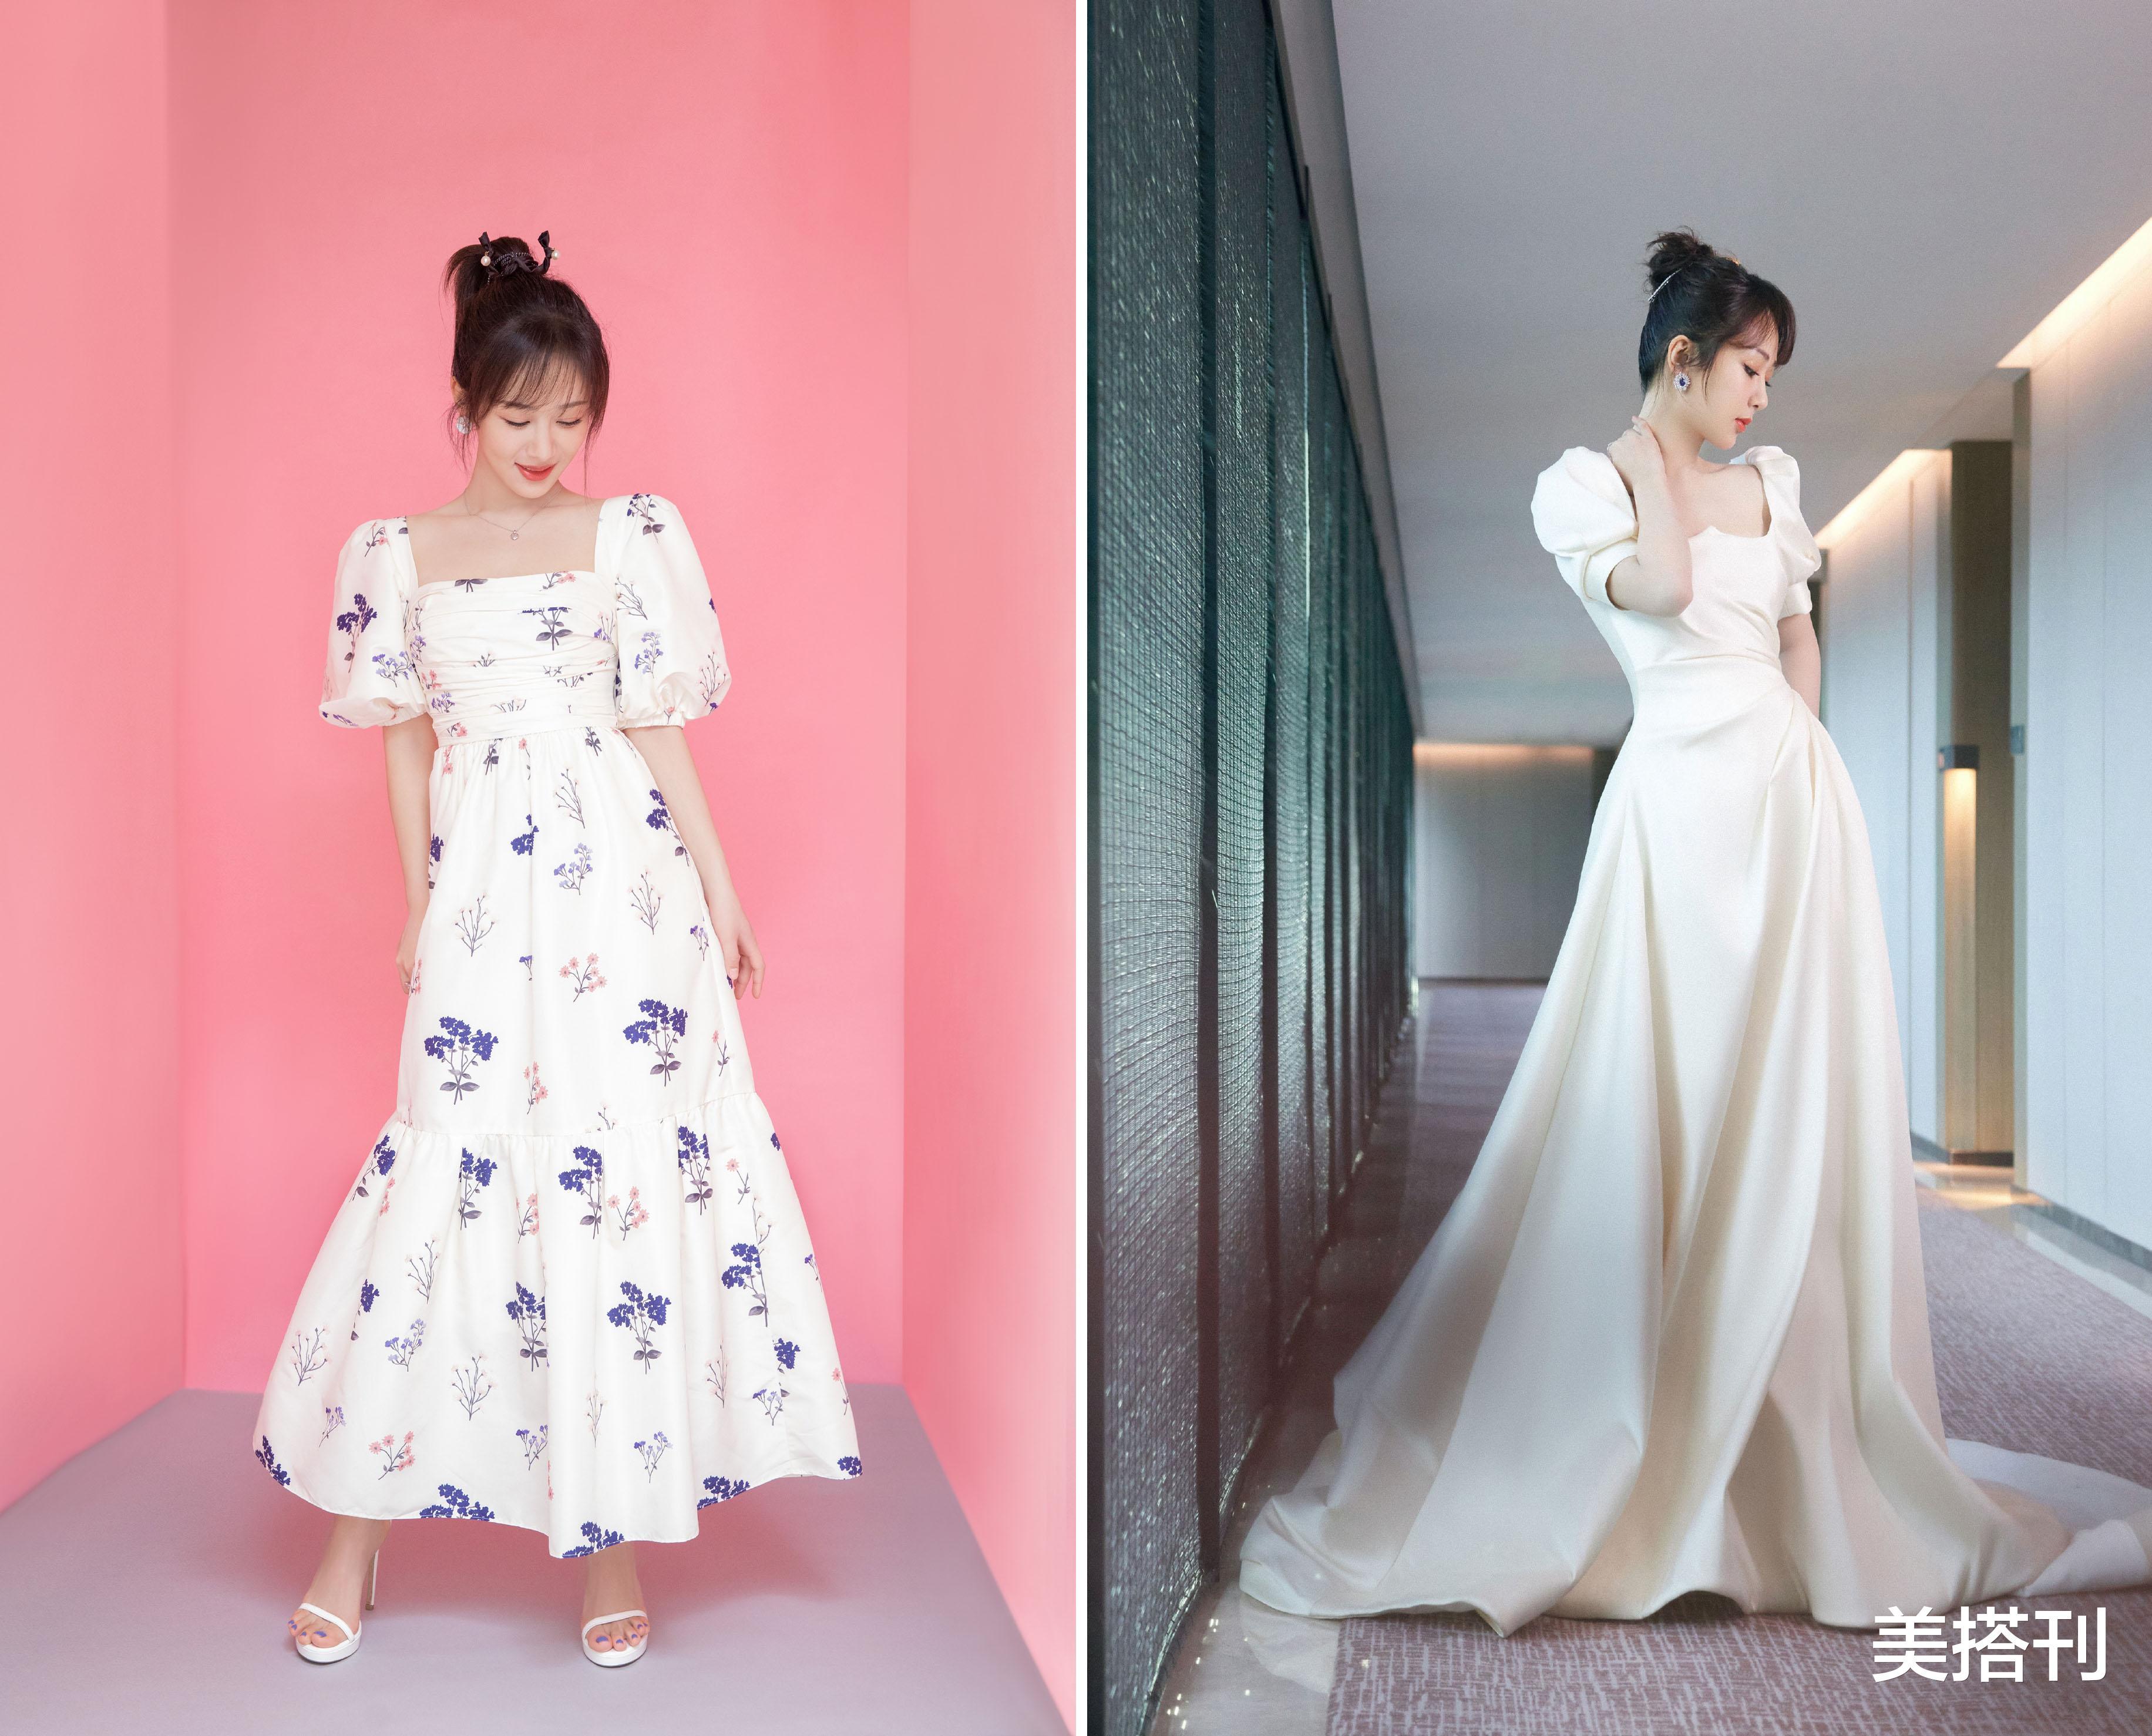 楊紫最新直播造型,一件藍白花色連衣裙活潑可愛,網友:一般好看-圖8